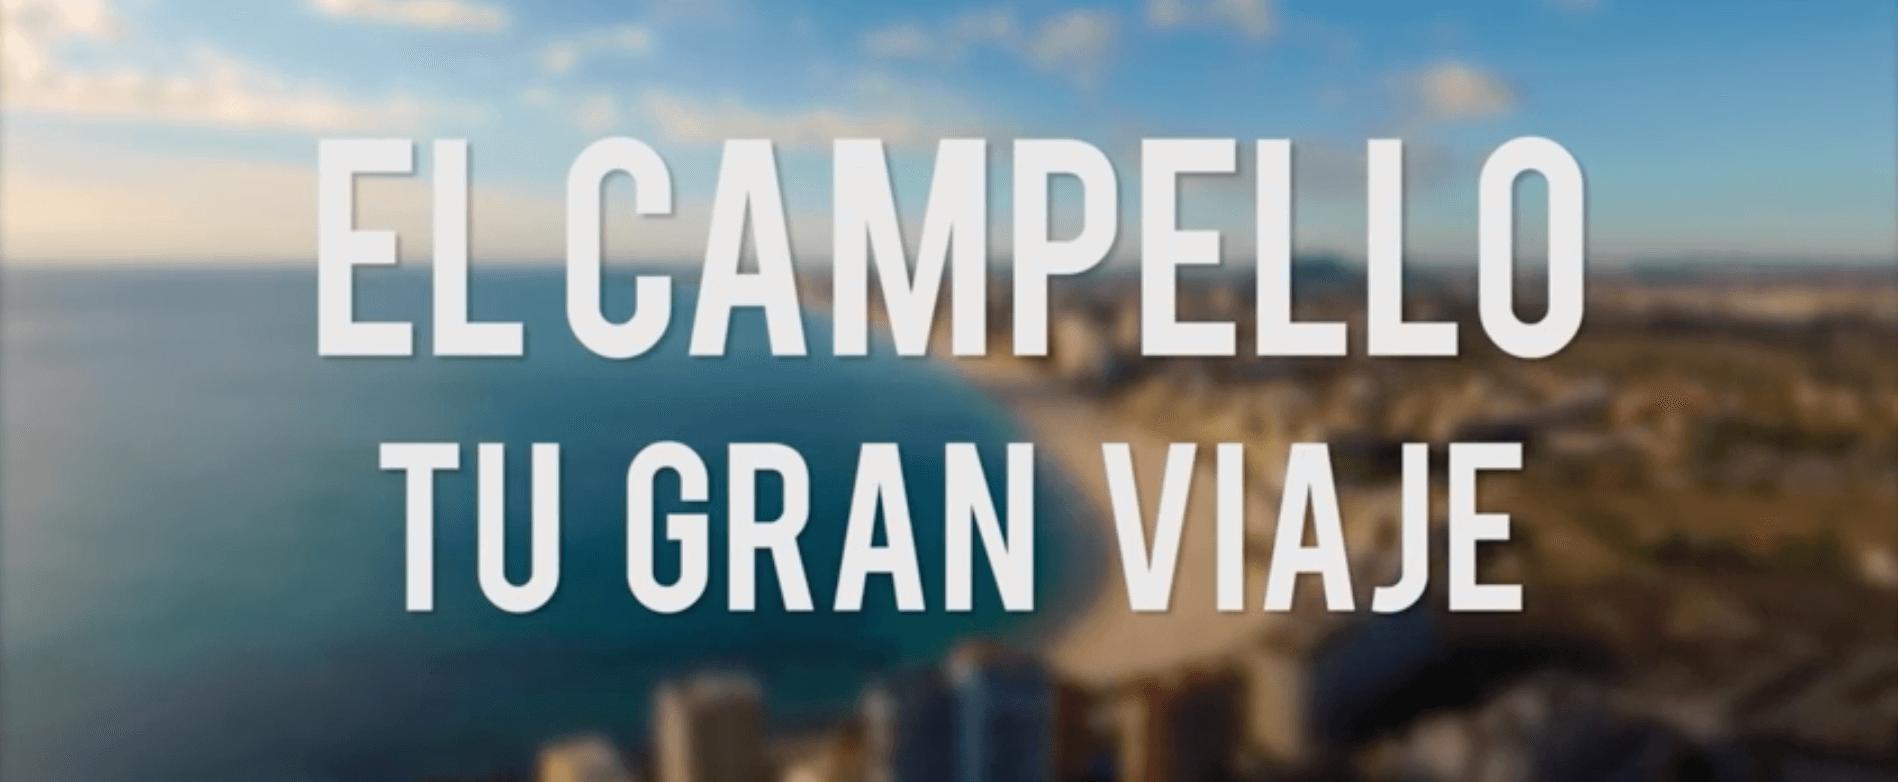 Spot Campaña Promocional El Campello, Tu Gran Viaje